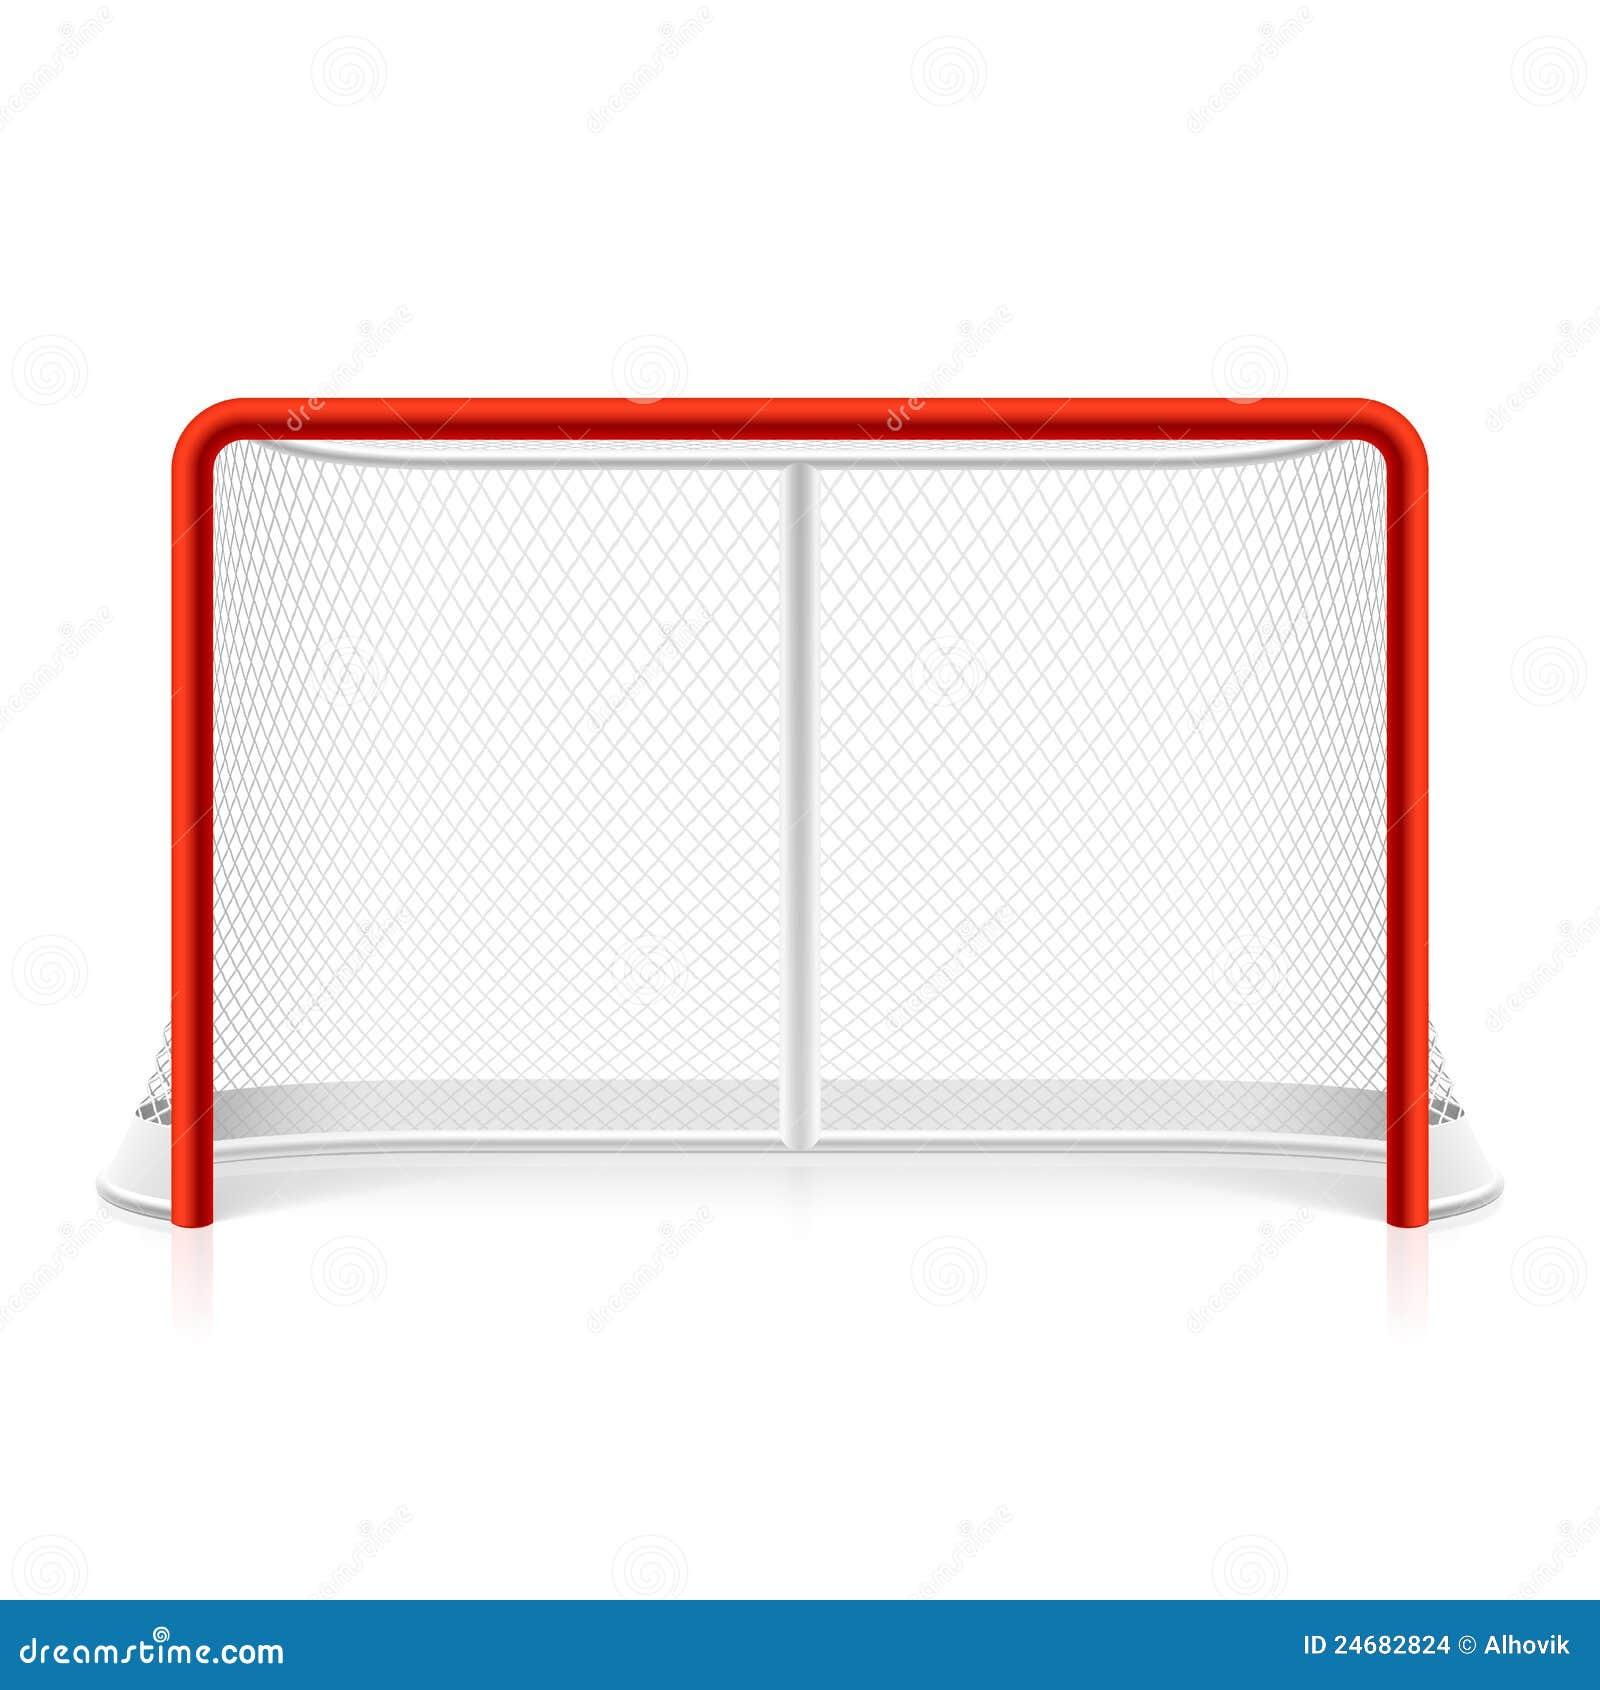 Red del hockey sobre hielo